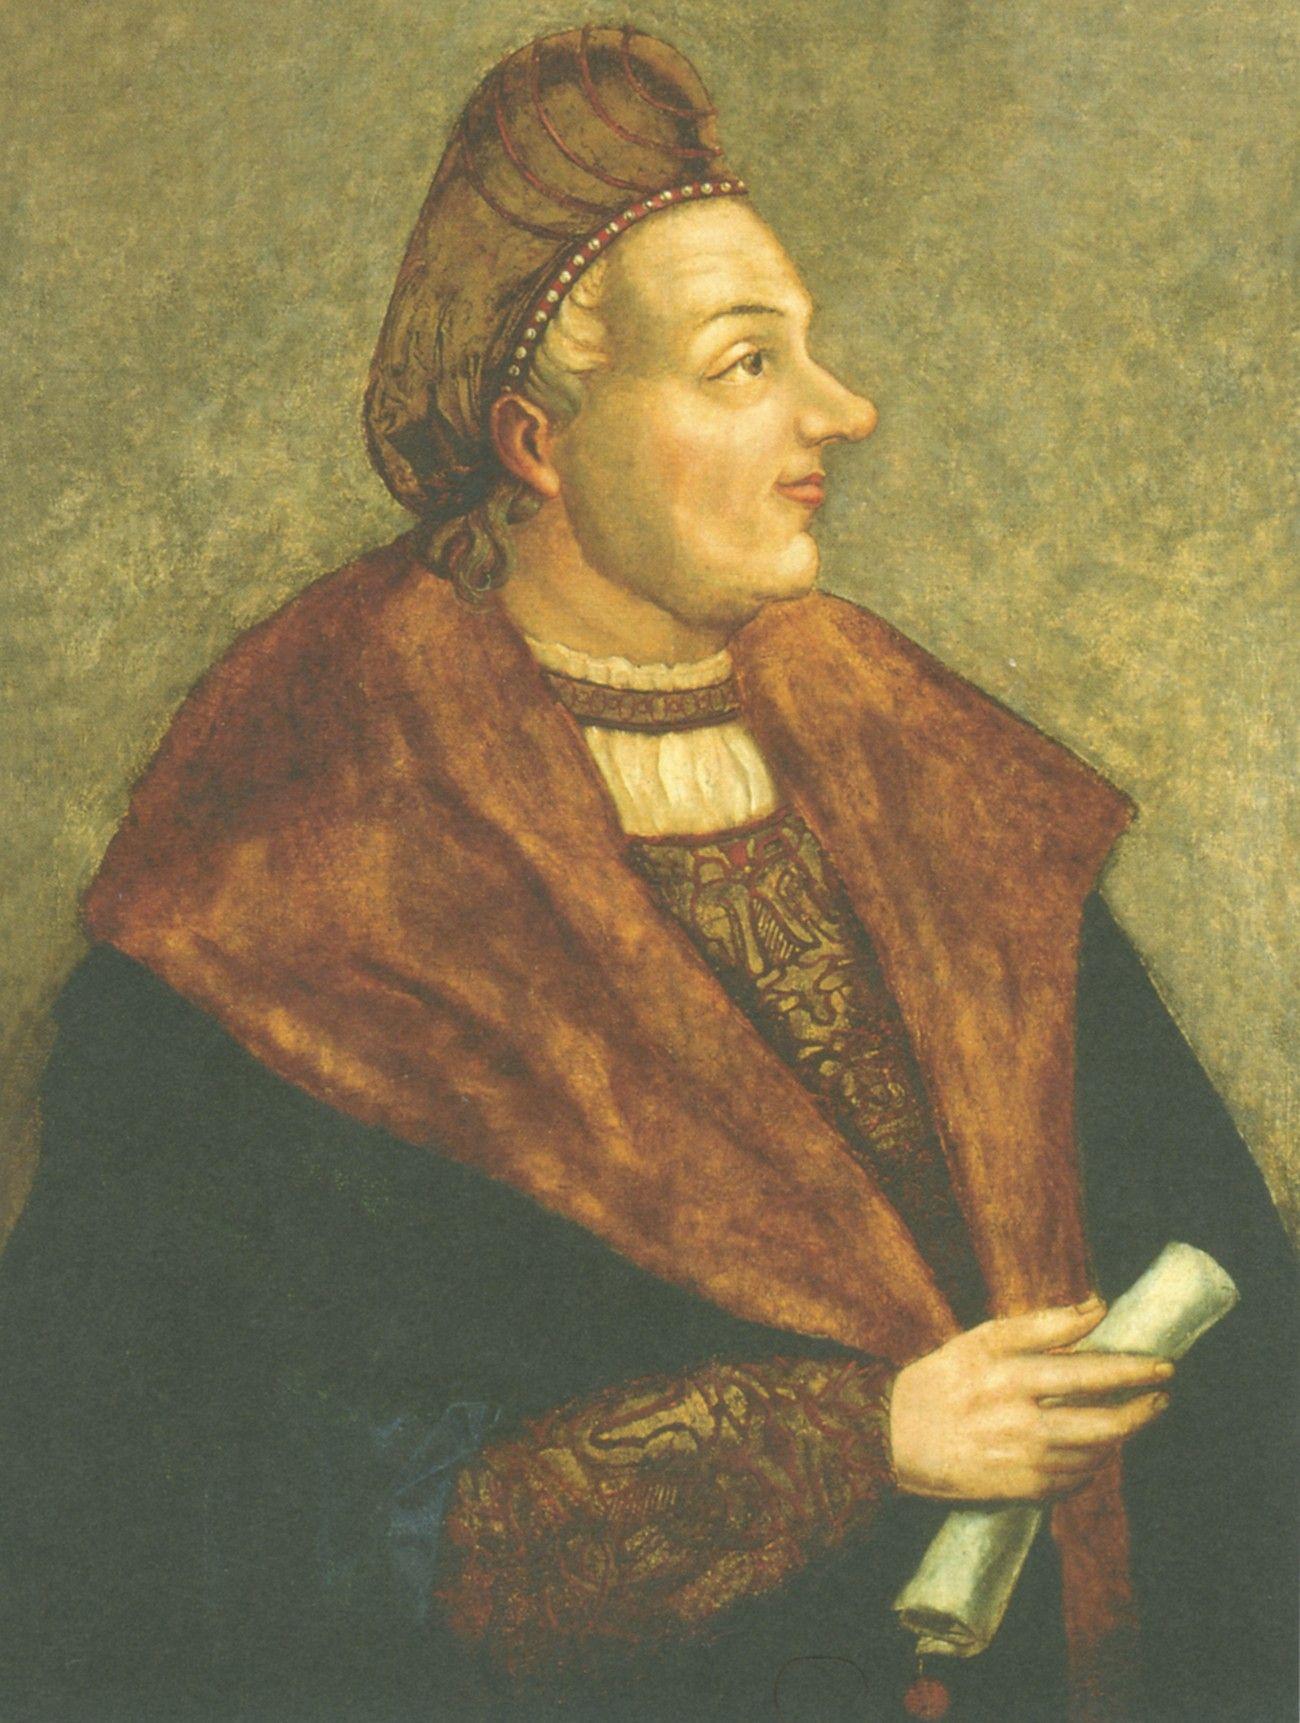 Zygmunt dokładał wszelkich starań, by jego nieślubny syn miał dobry start w życiu.